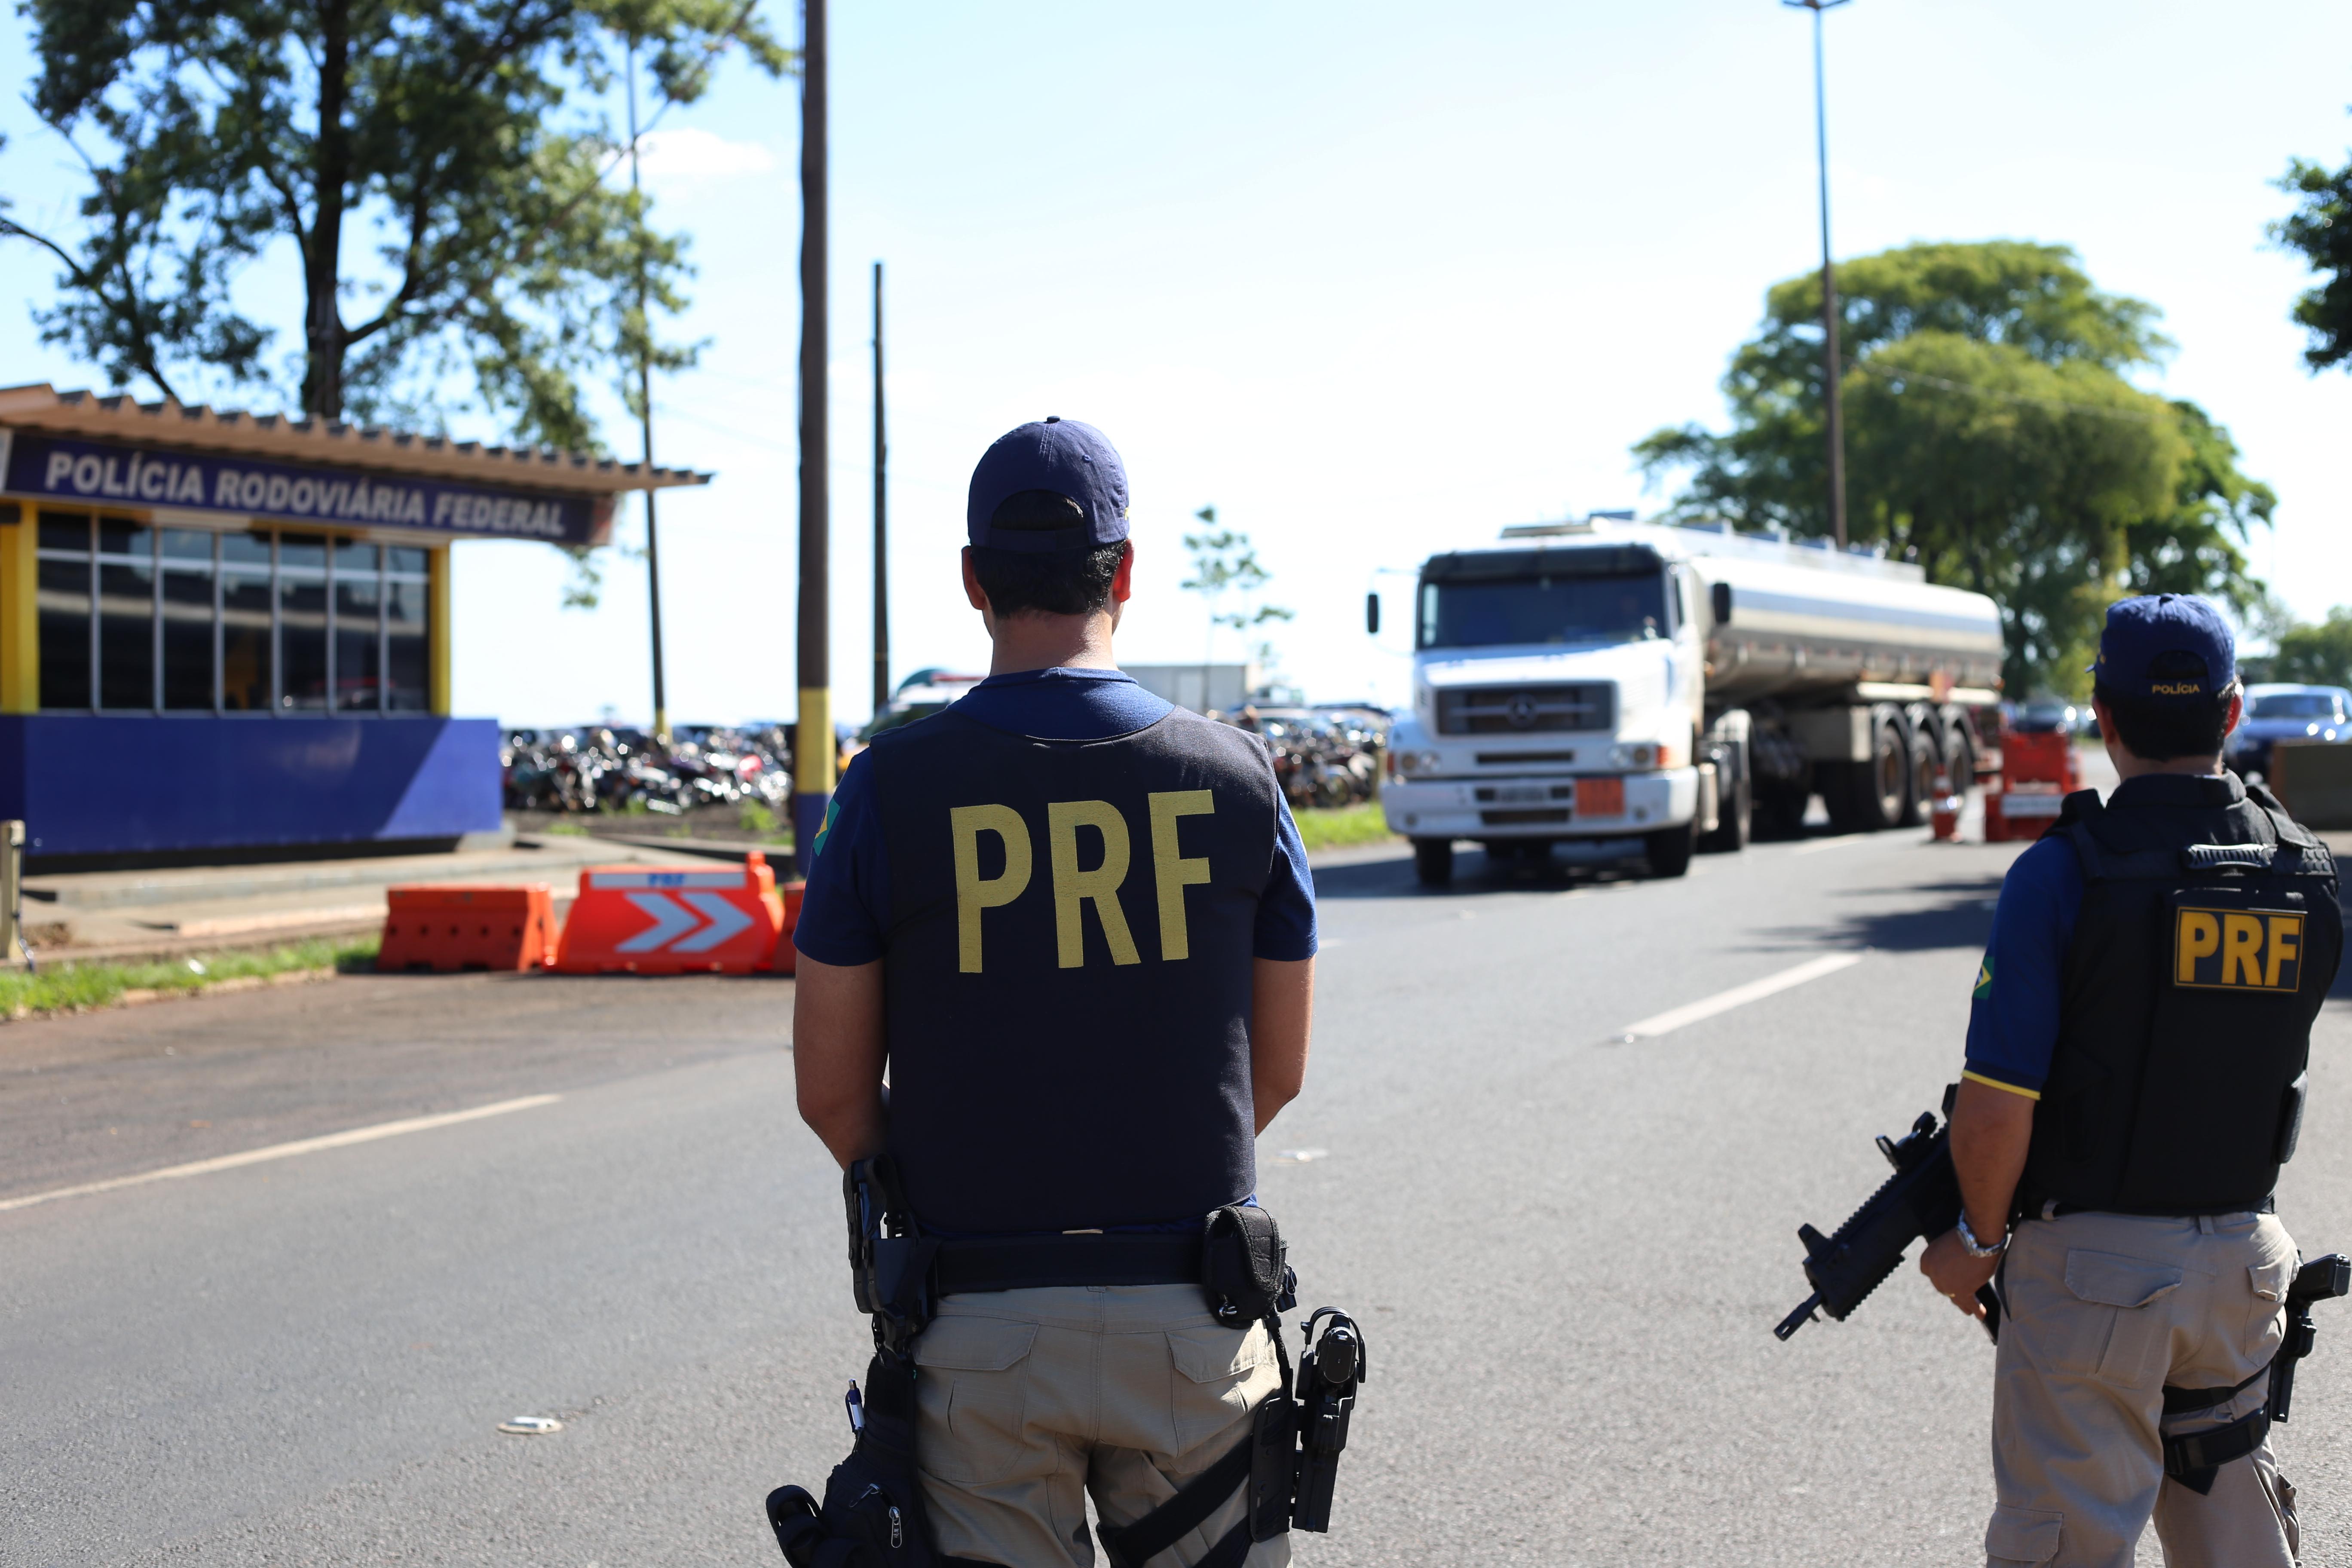 Concurso PRF - Policial Rodoviário é excelente oportunidades para candidatos com nível superior em qualquer área. Prepare-se com antecedência!